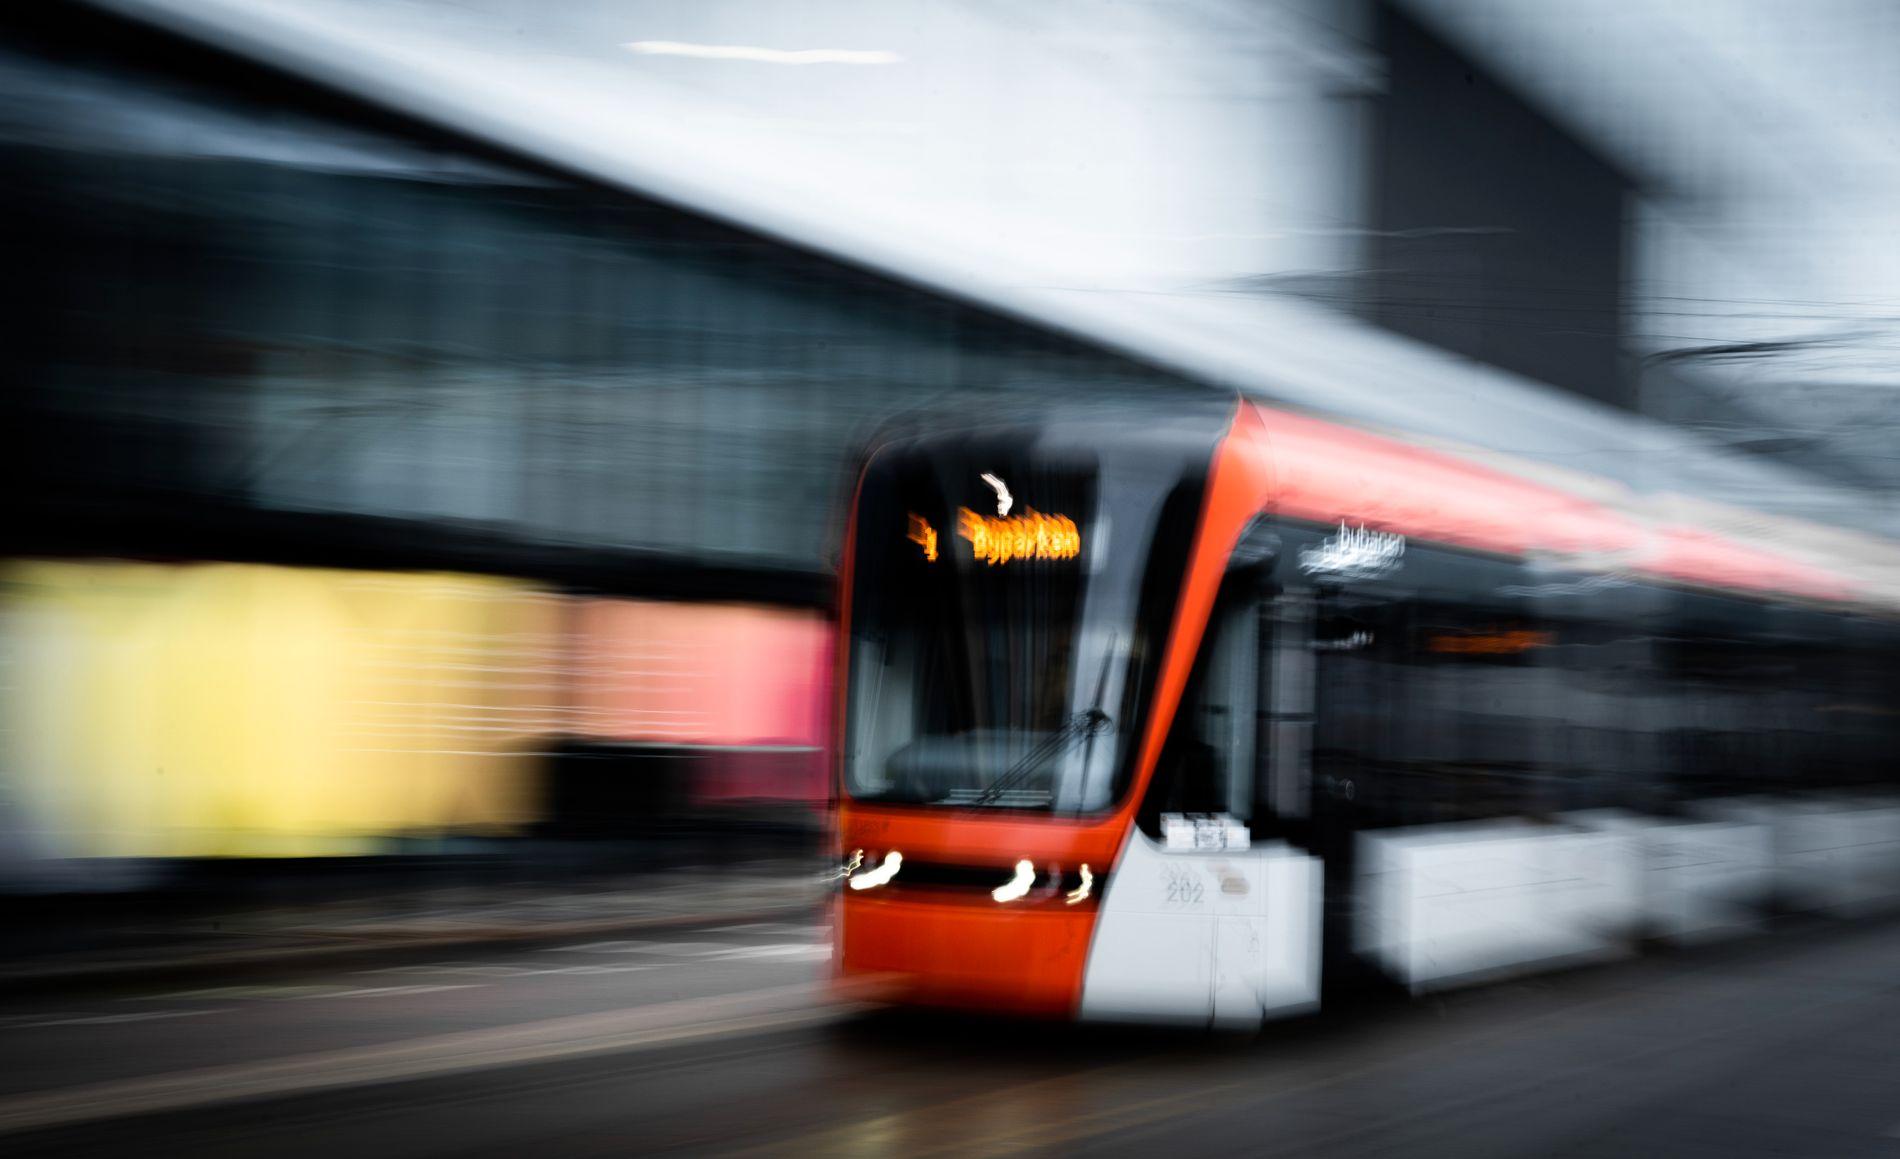 BYBANEN FOSSAR FRAM: – Bybanen har hatt ein passasjervekst på 40 prosent på to år. Kvar femte kollektivpassasjer i Hordaland tar Bybanen, skriv Morten Myksvoll.